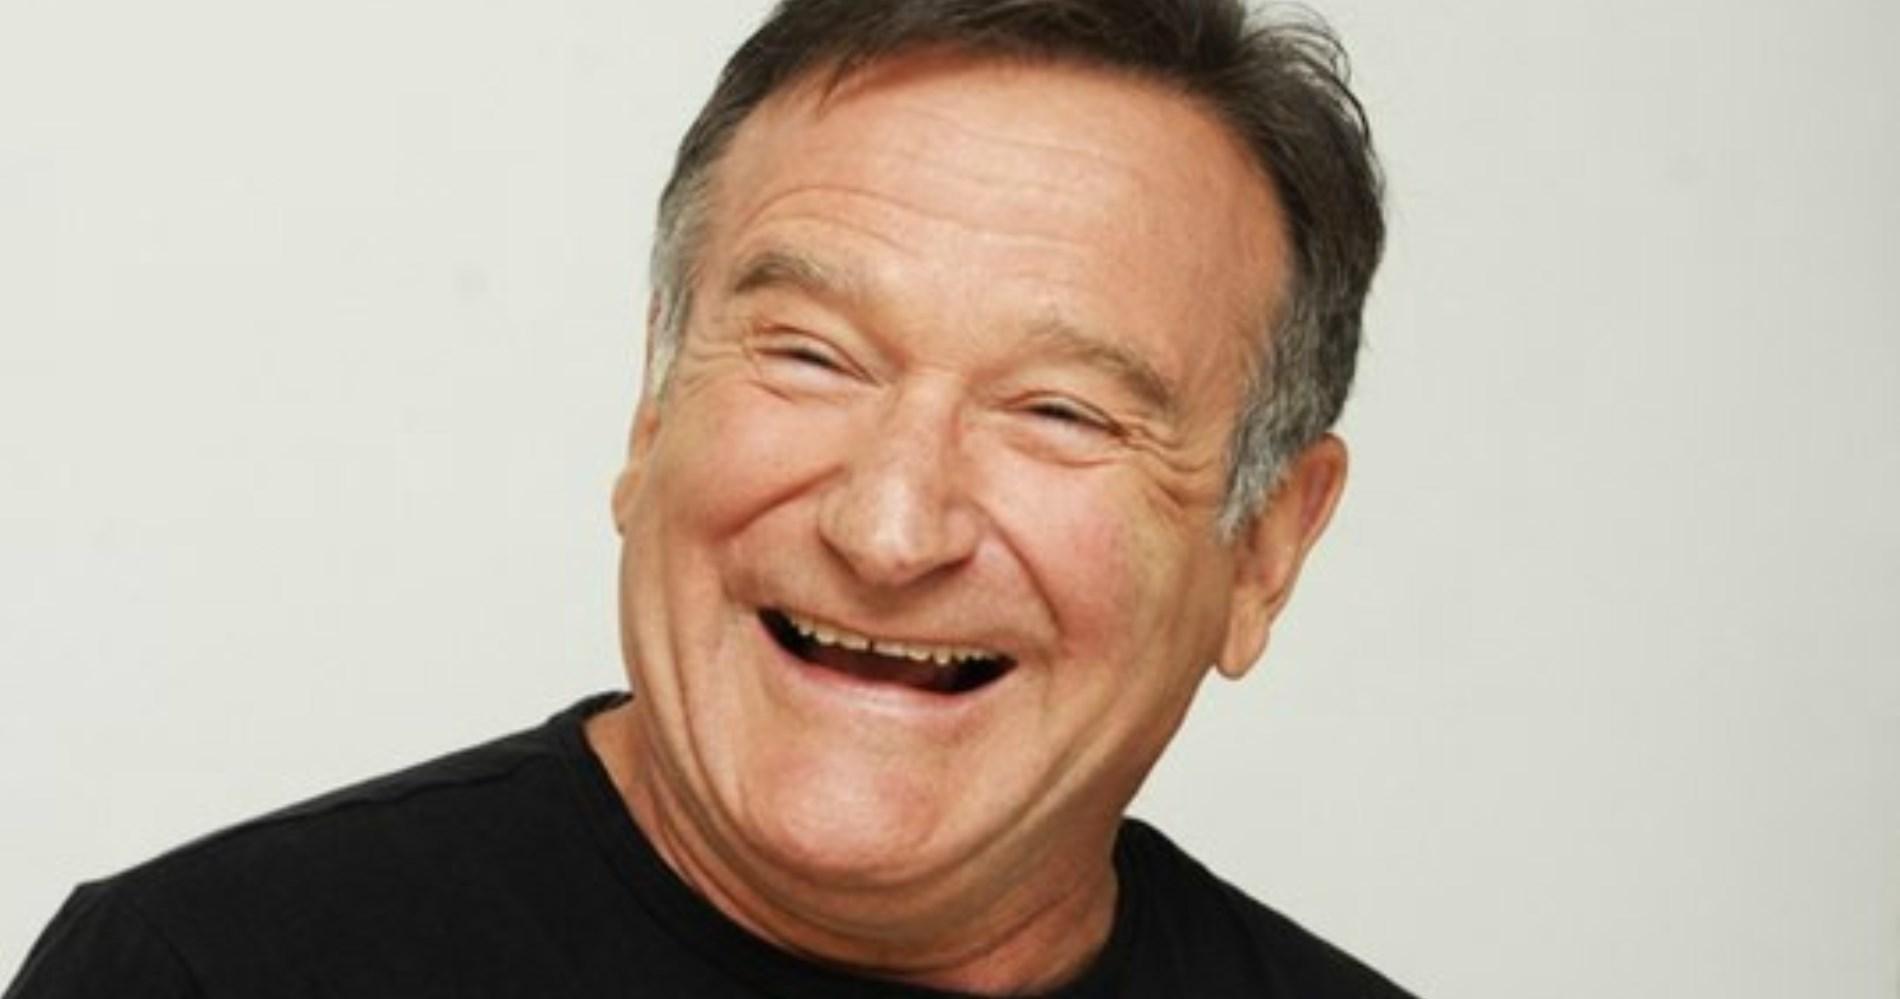 """<span class=""""entry-title-primary"""">Robin Williams, il ricordo di un attore immortale</span> <span class=""""entry-subtitle"""">La voce dello schermo celebra uno dei più grandi attori del cinema recente a cinque anni dalla scomparsa. </span>"""